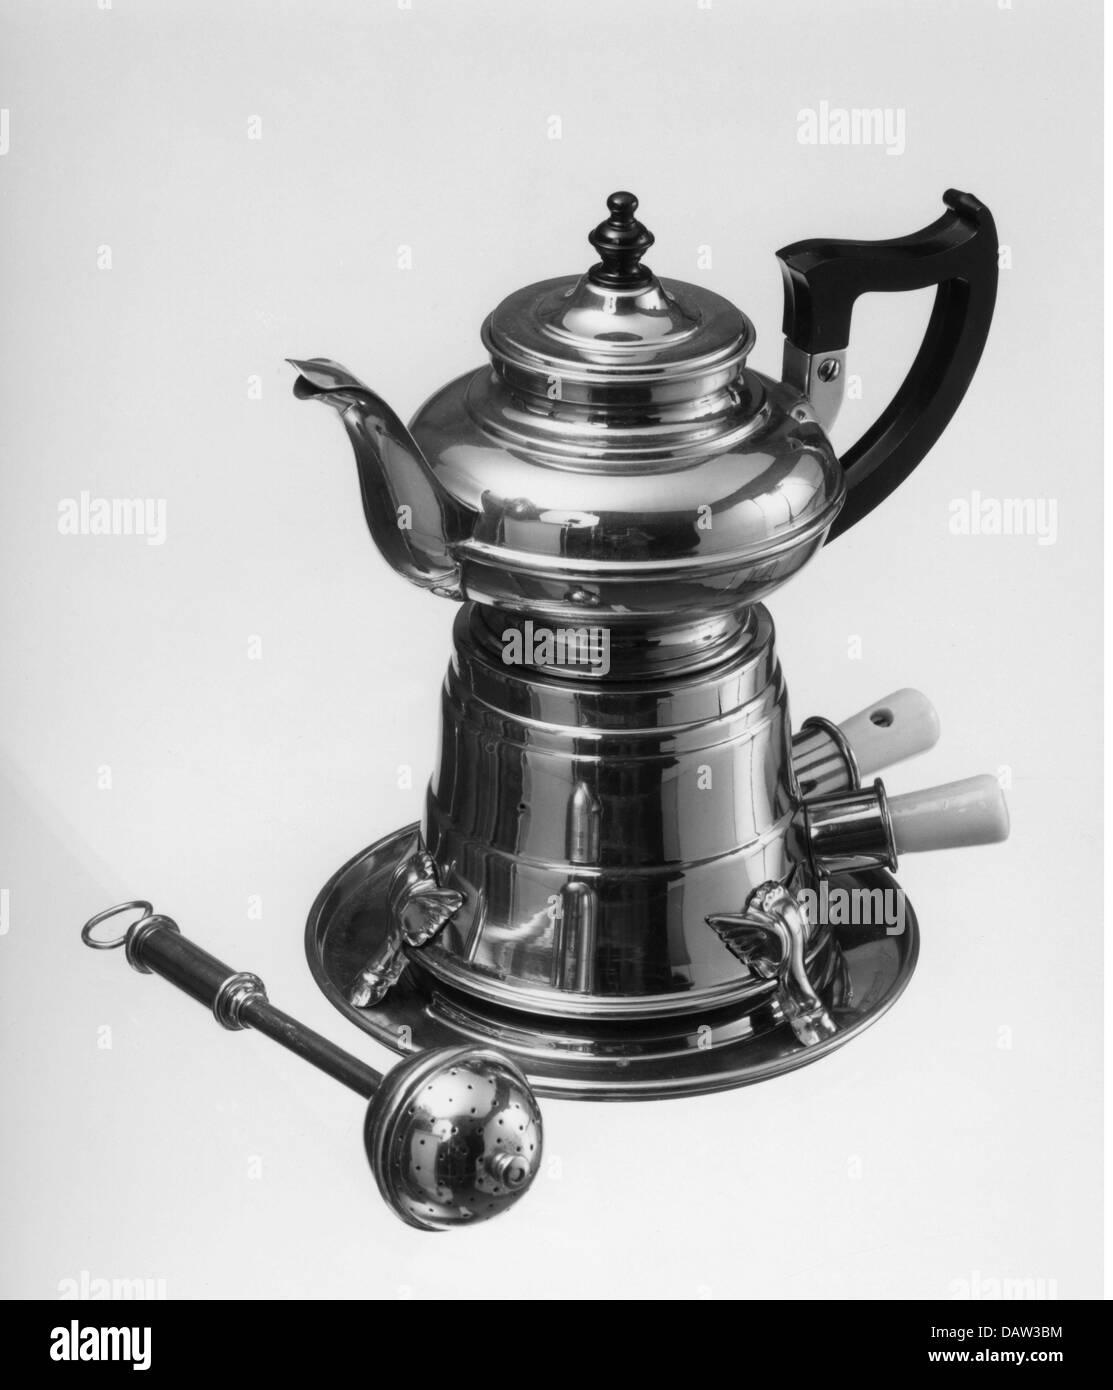 Agregado Cozinha E Utens Lios Ch Urna Circa 1922 Design De